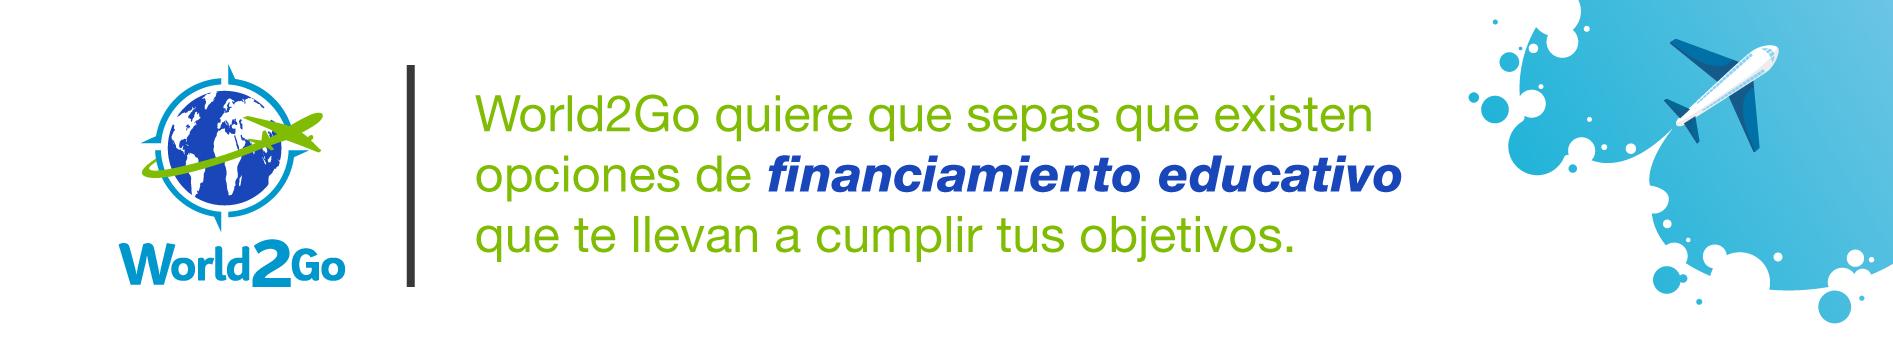 financ123